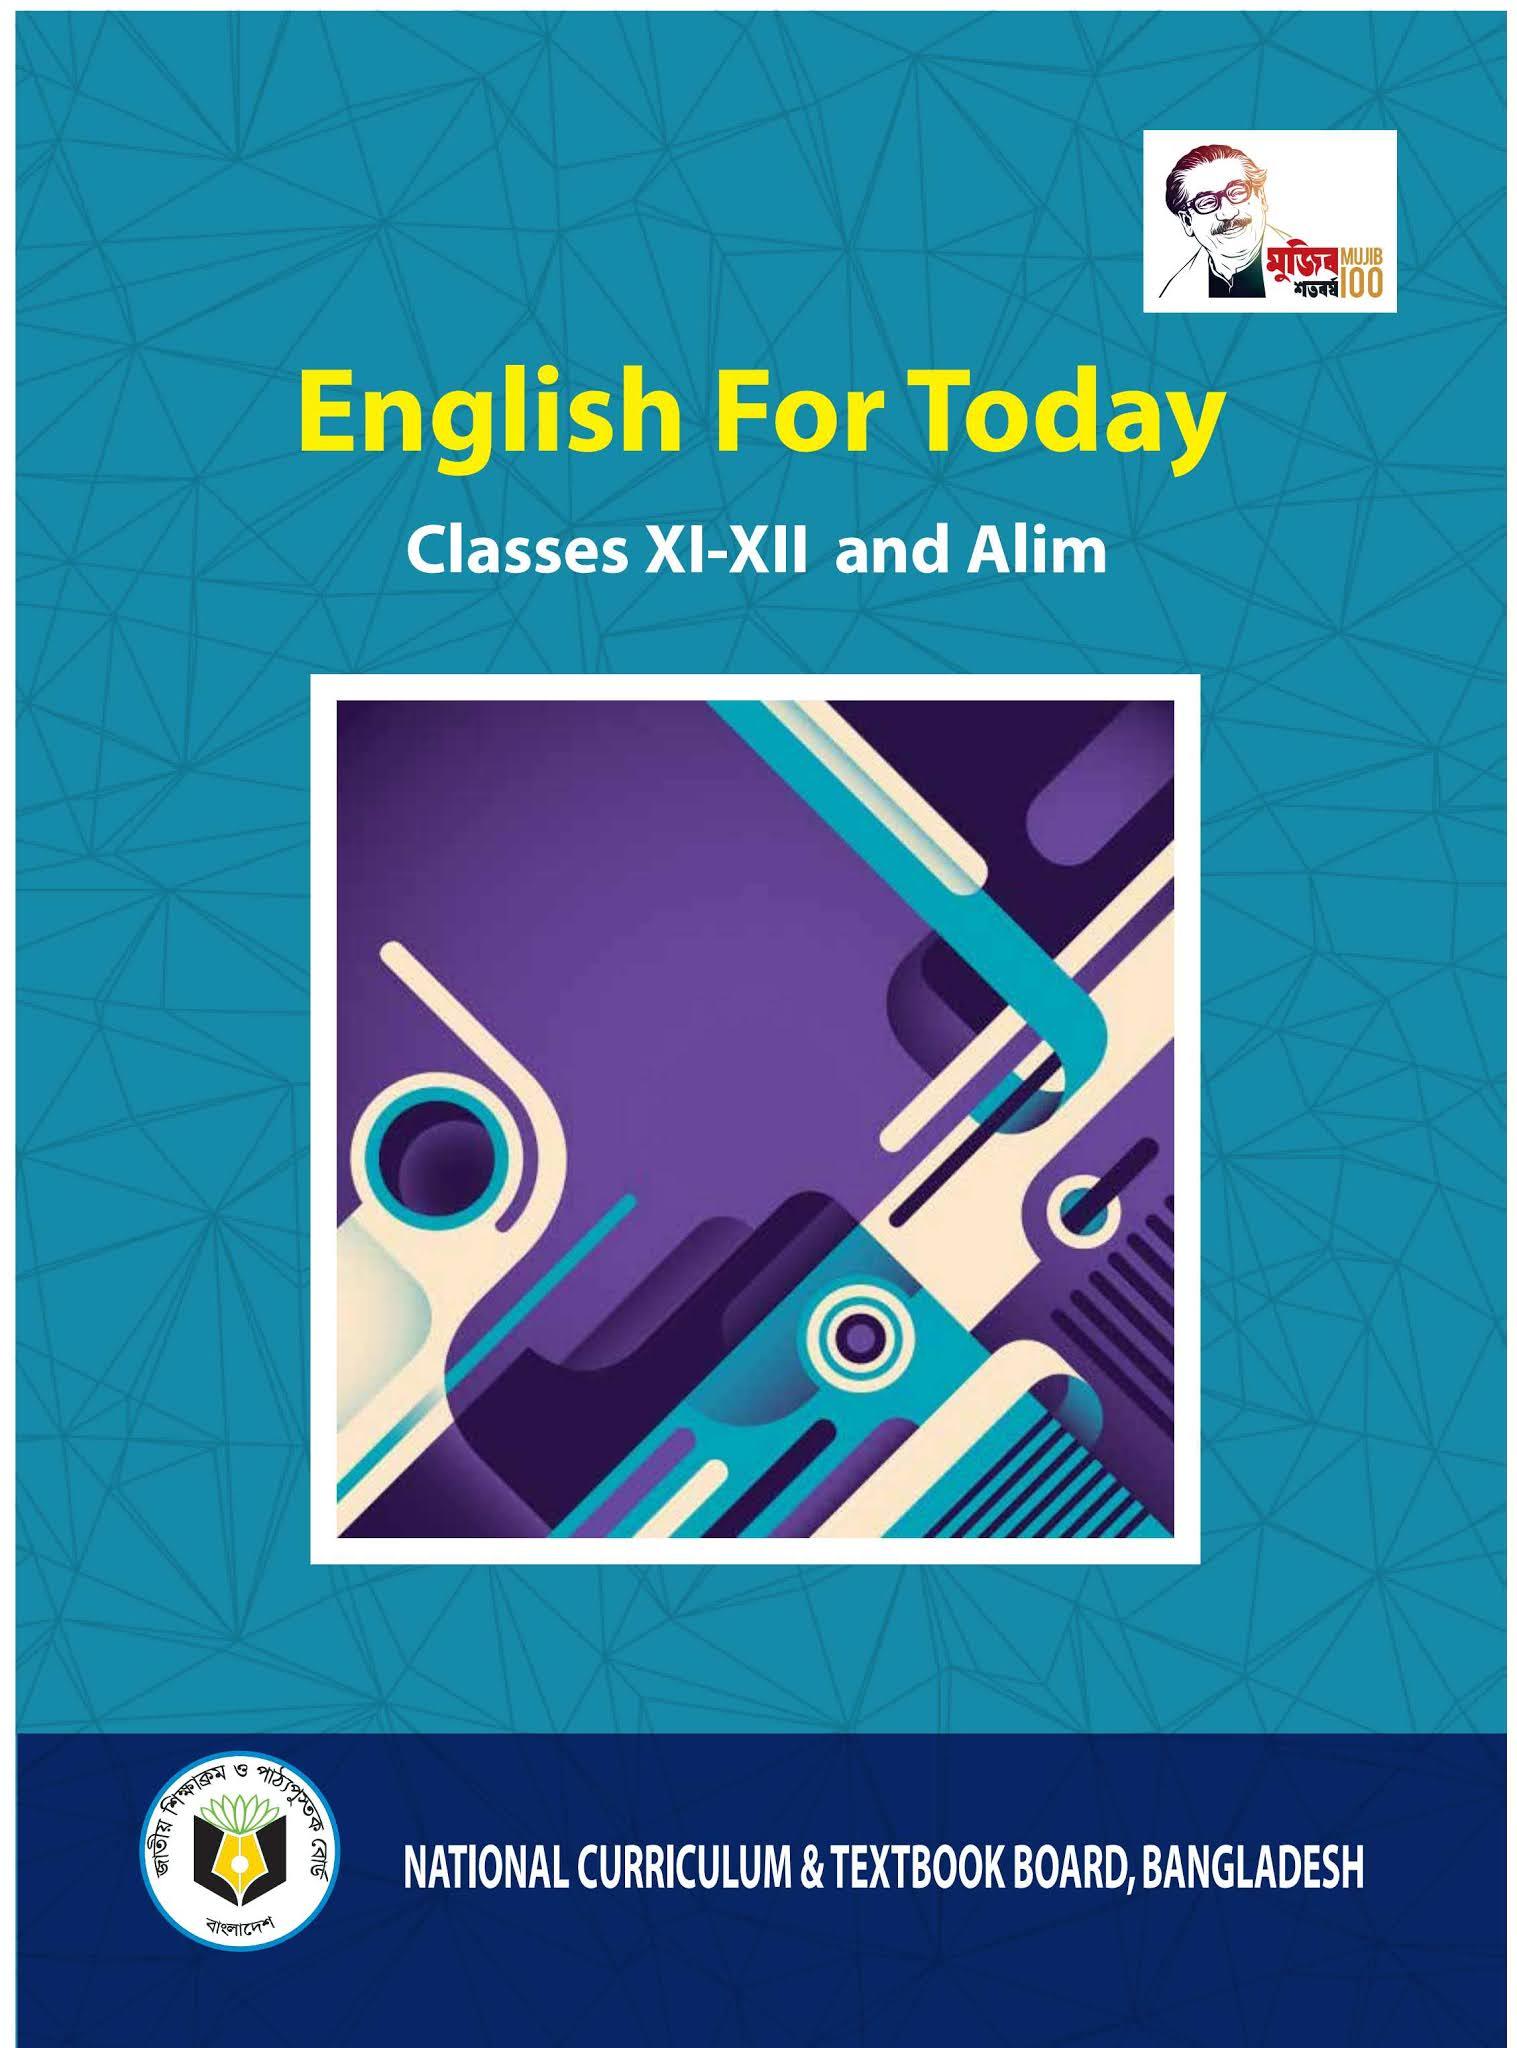 এইচ এস সি ইংরেজি ১ম পত্র বই ২০২০-২১| Hsc English 1st Paper Book 2020-21